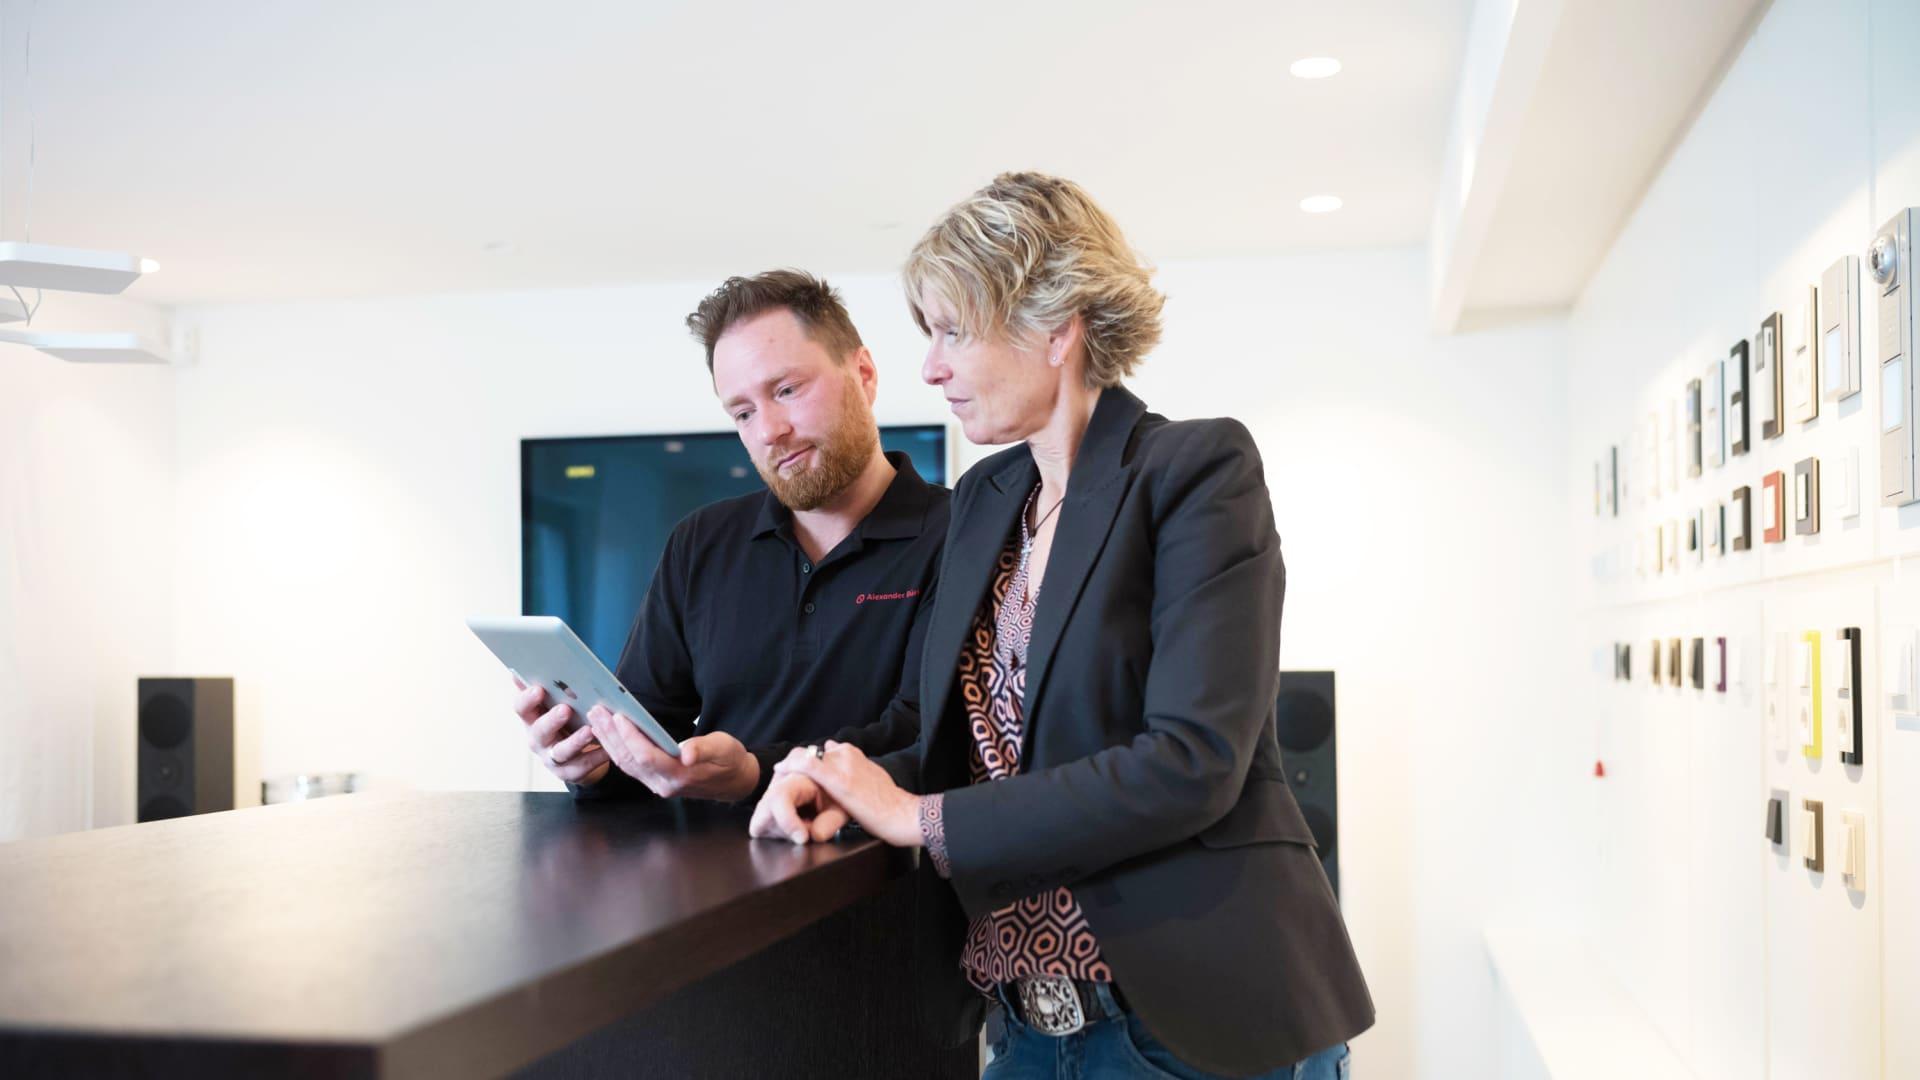 Beratung mit Tablet in einem Fachhandelsgeschäft